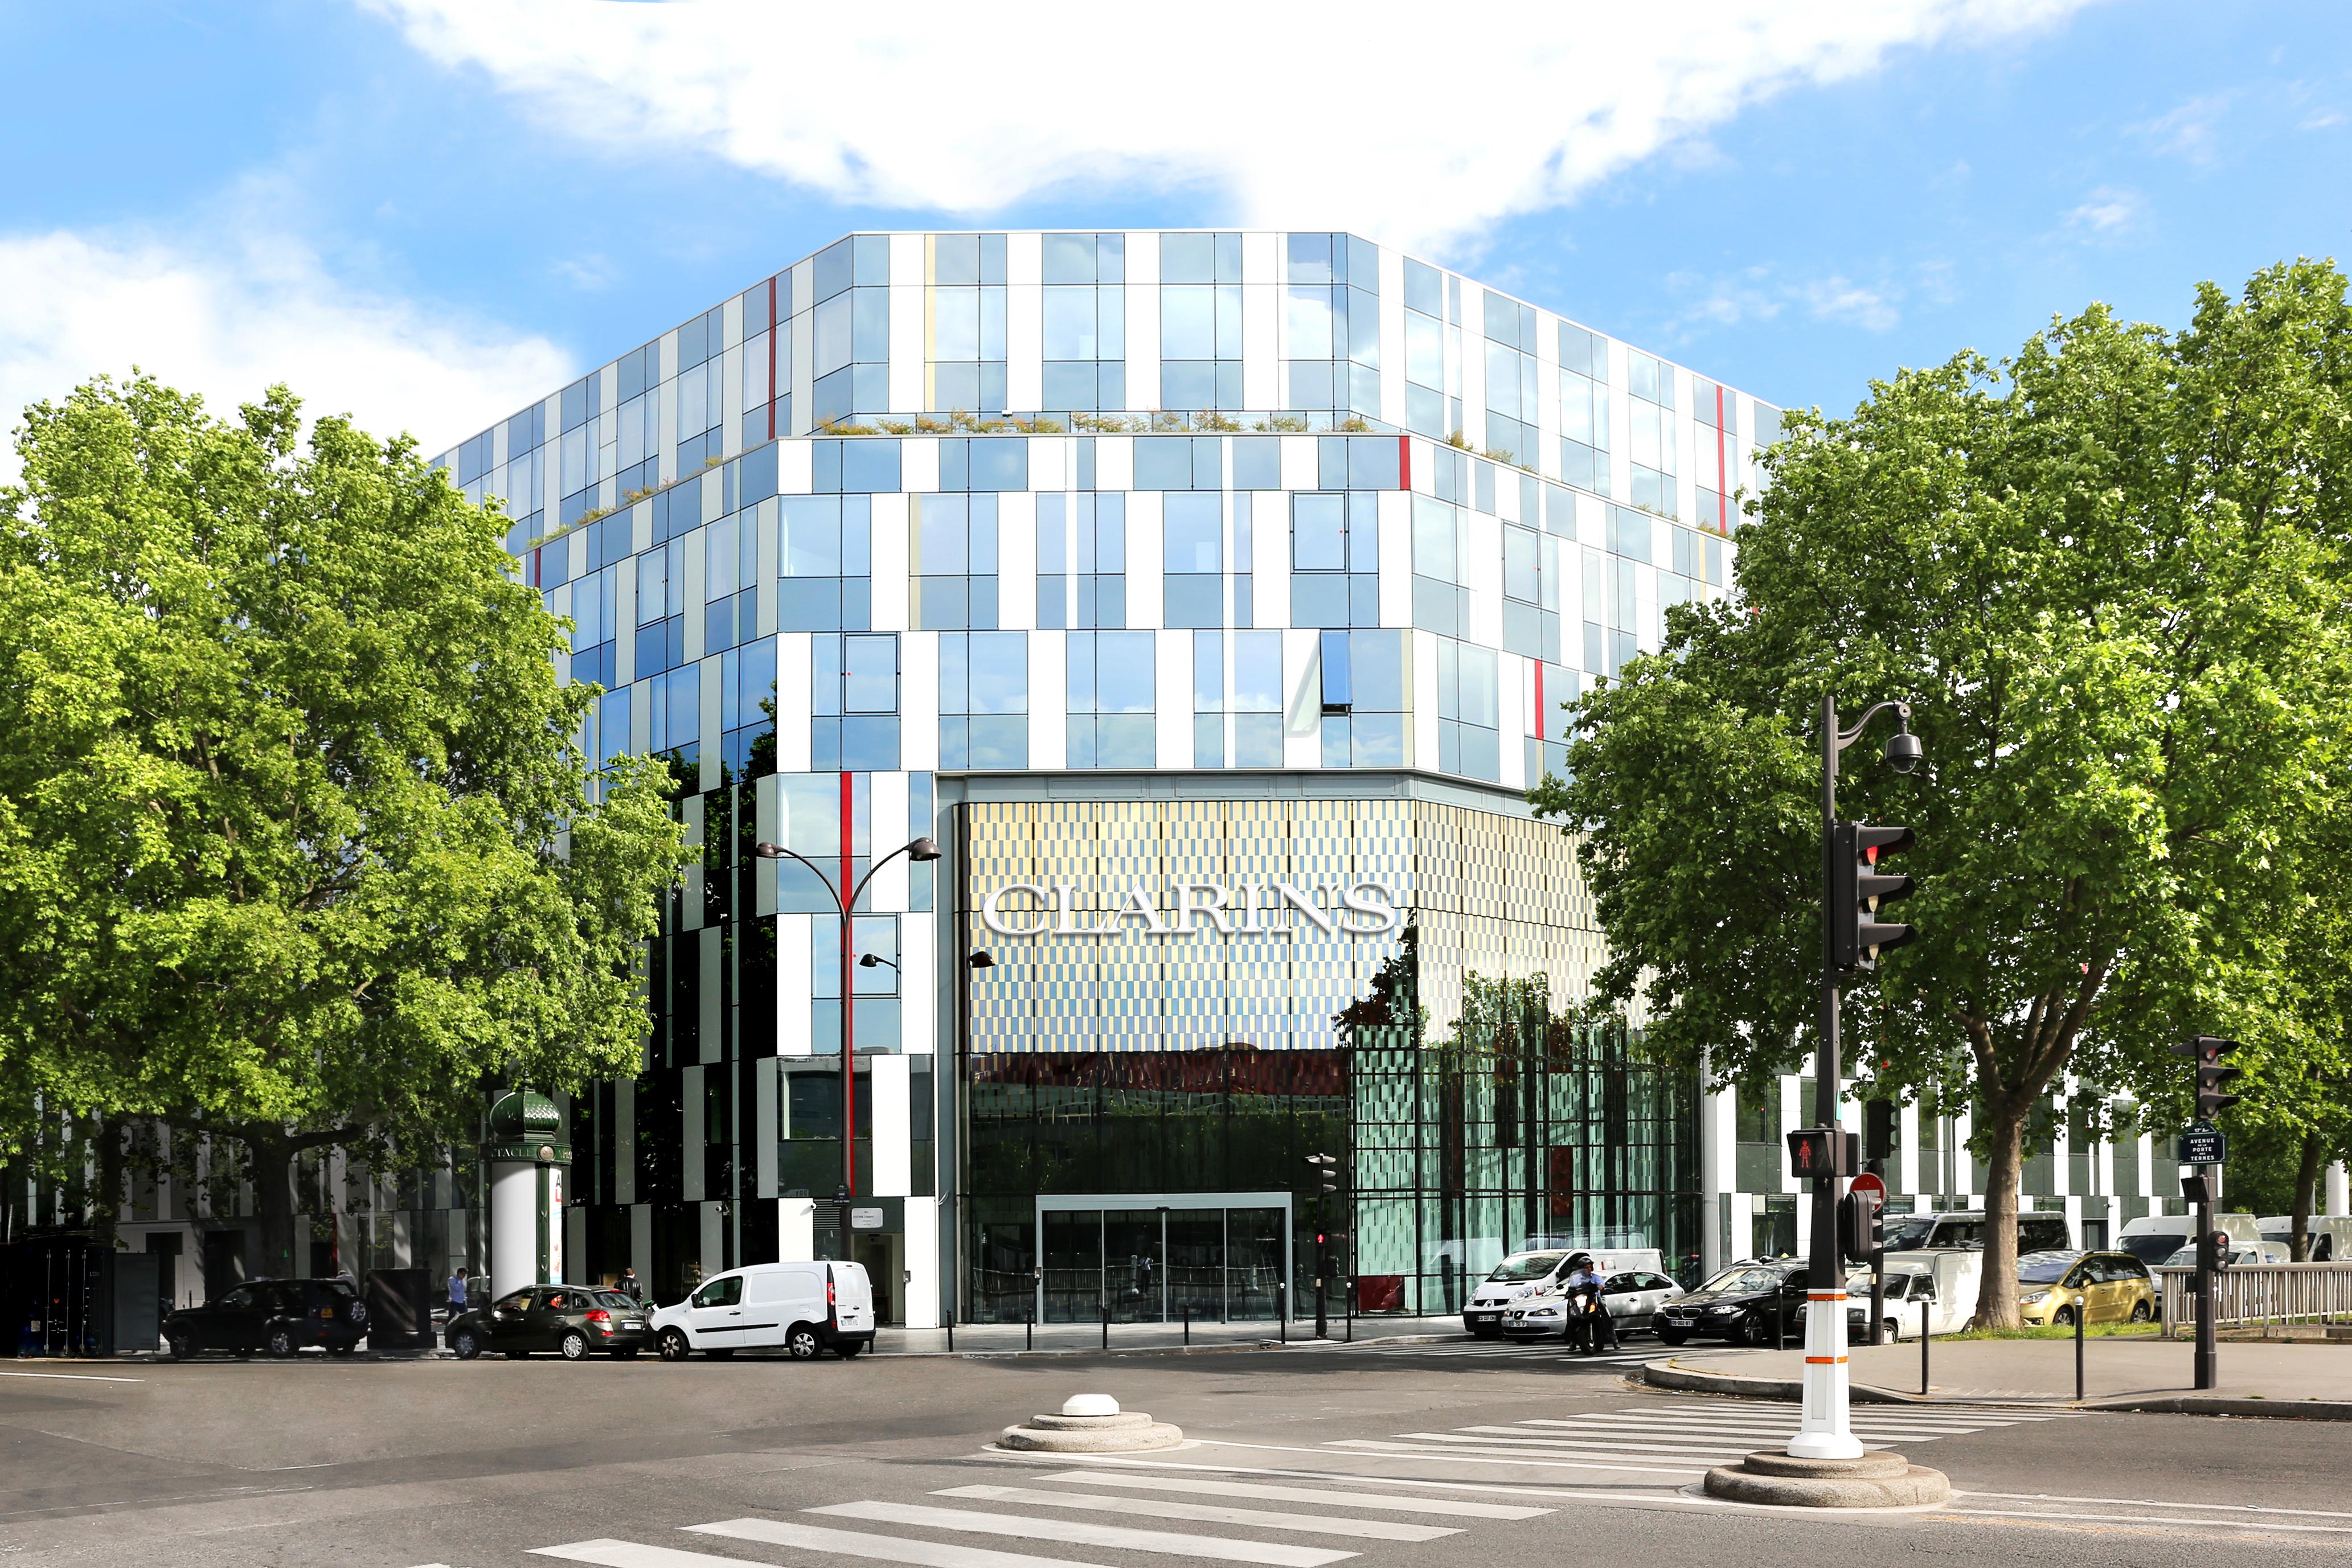 clarine-immeuble-facade